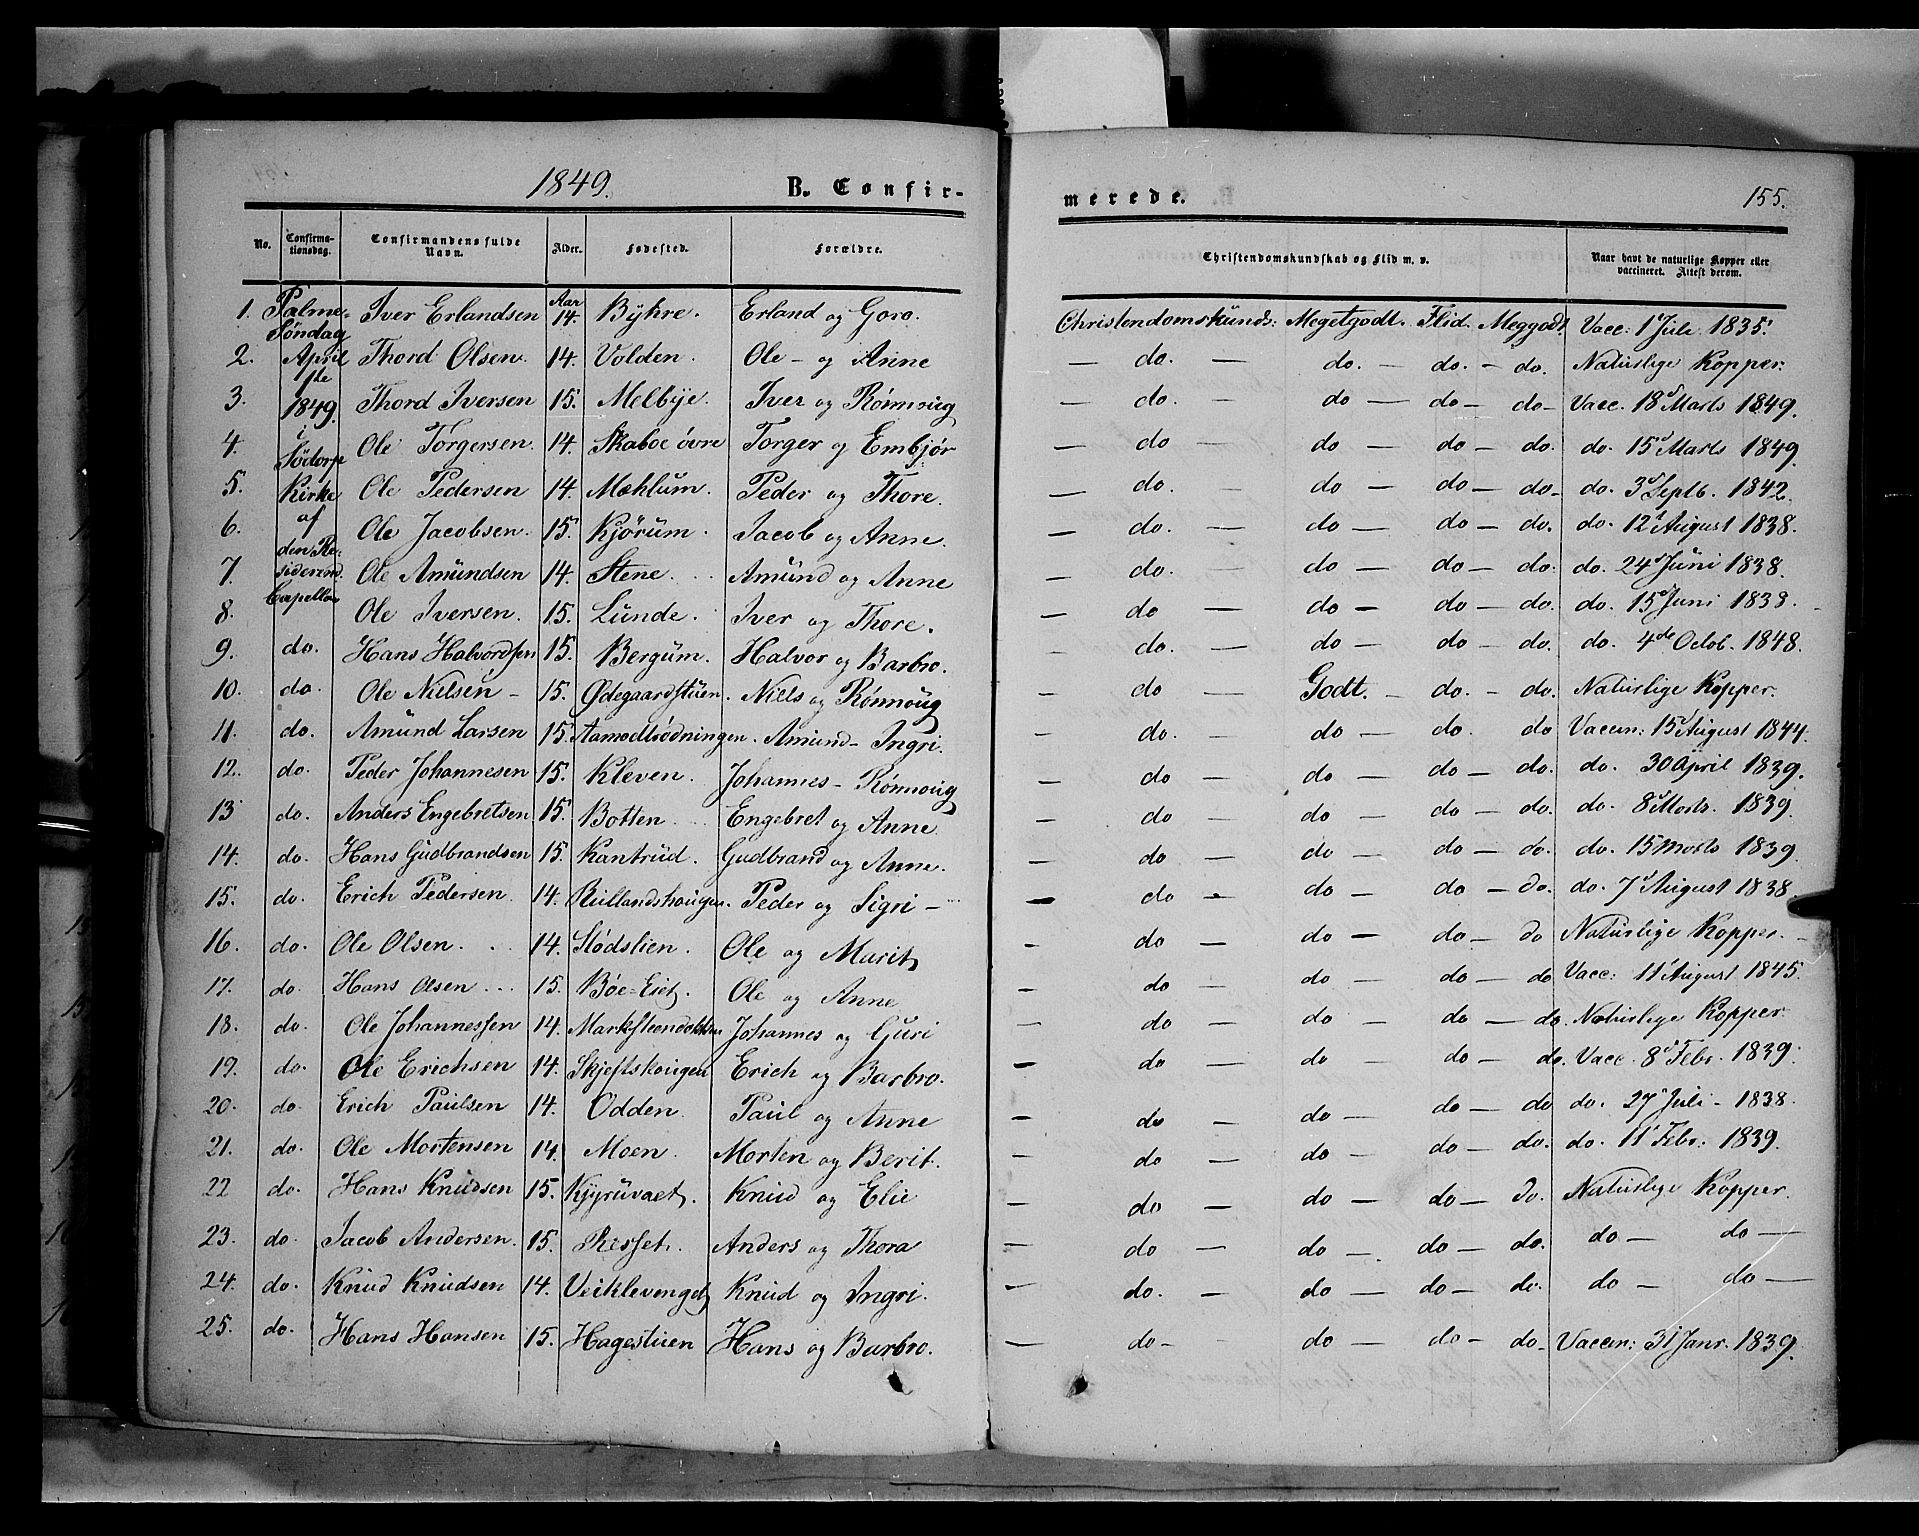 SAH, Sør-Fron prestekontor, H/Ha/Haa/L0001: Ministerialbok nr. 1, 1849-1863, s. 155